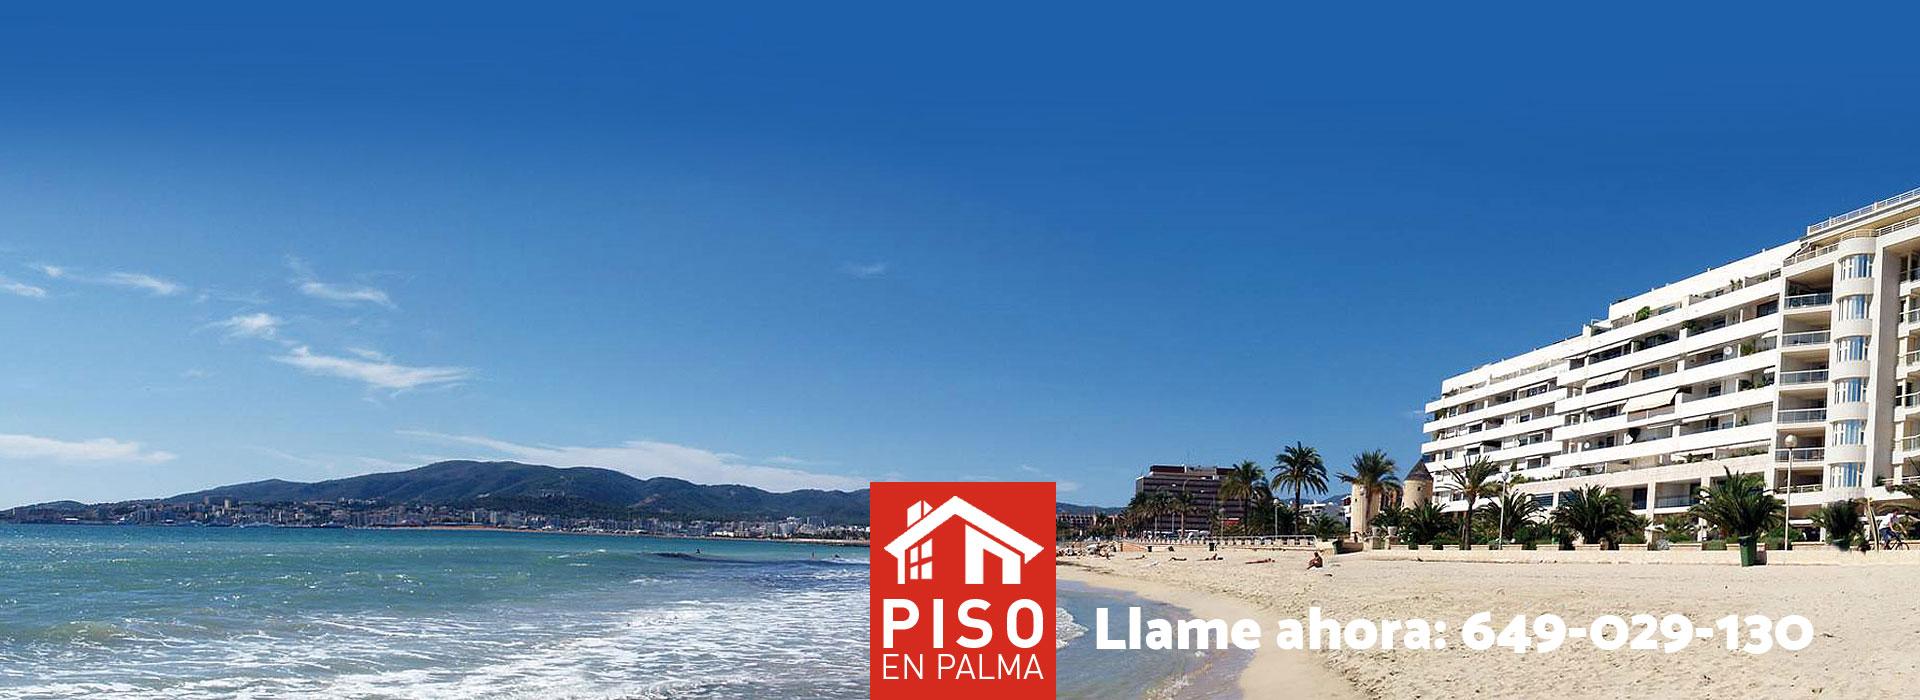 Venta y alquiler de pisos, apartamentos y chalets en Mallorca